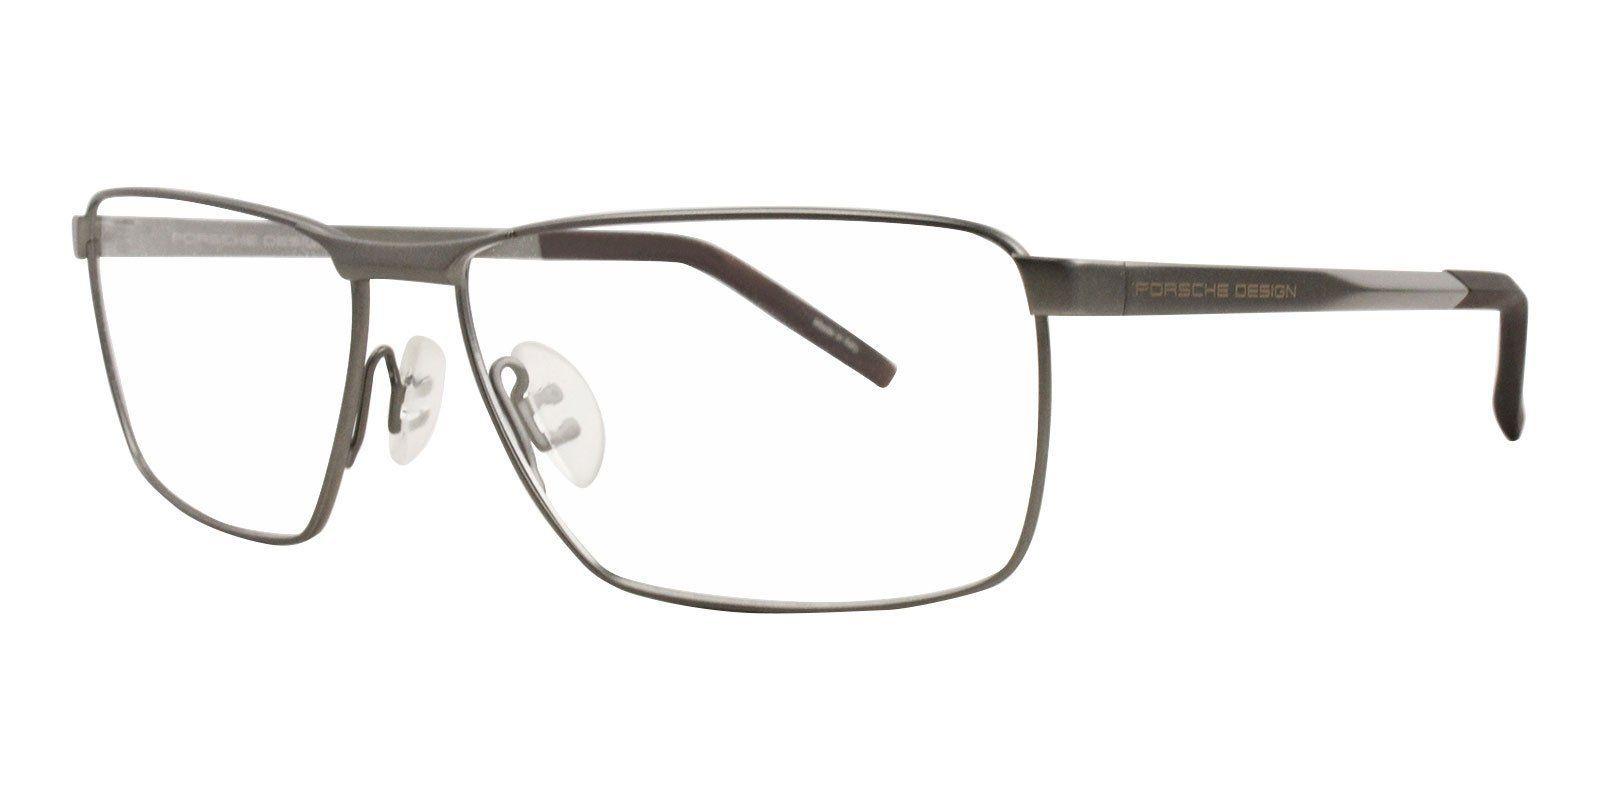 ad9388b9e51 Porsche Design - P8302 Gunmetal-eyeglasses-Designer Eyes